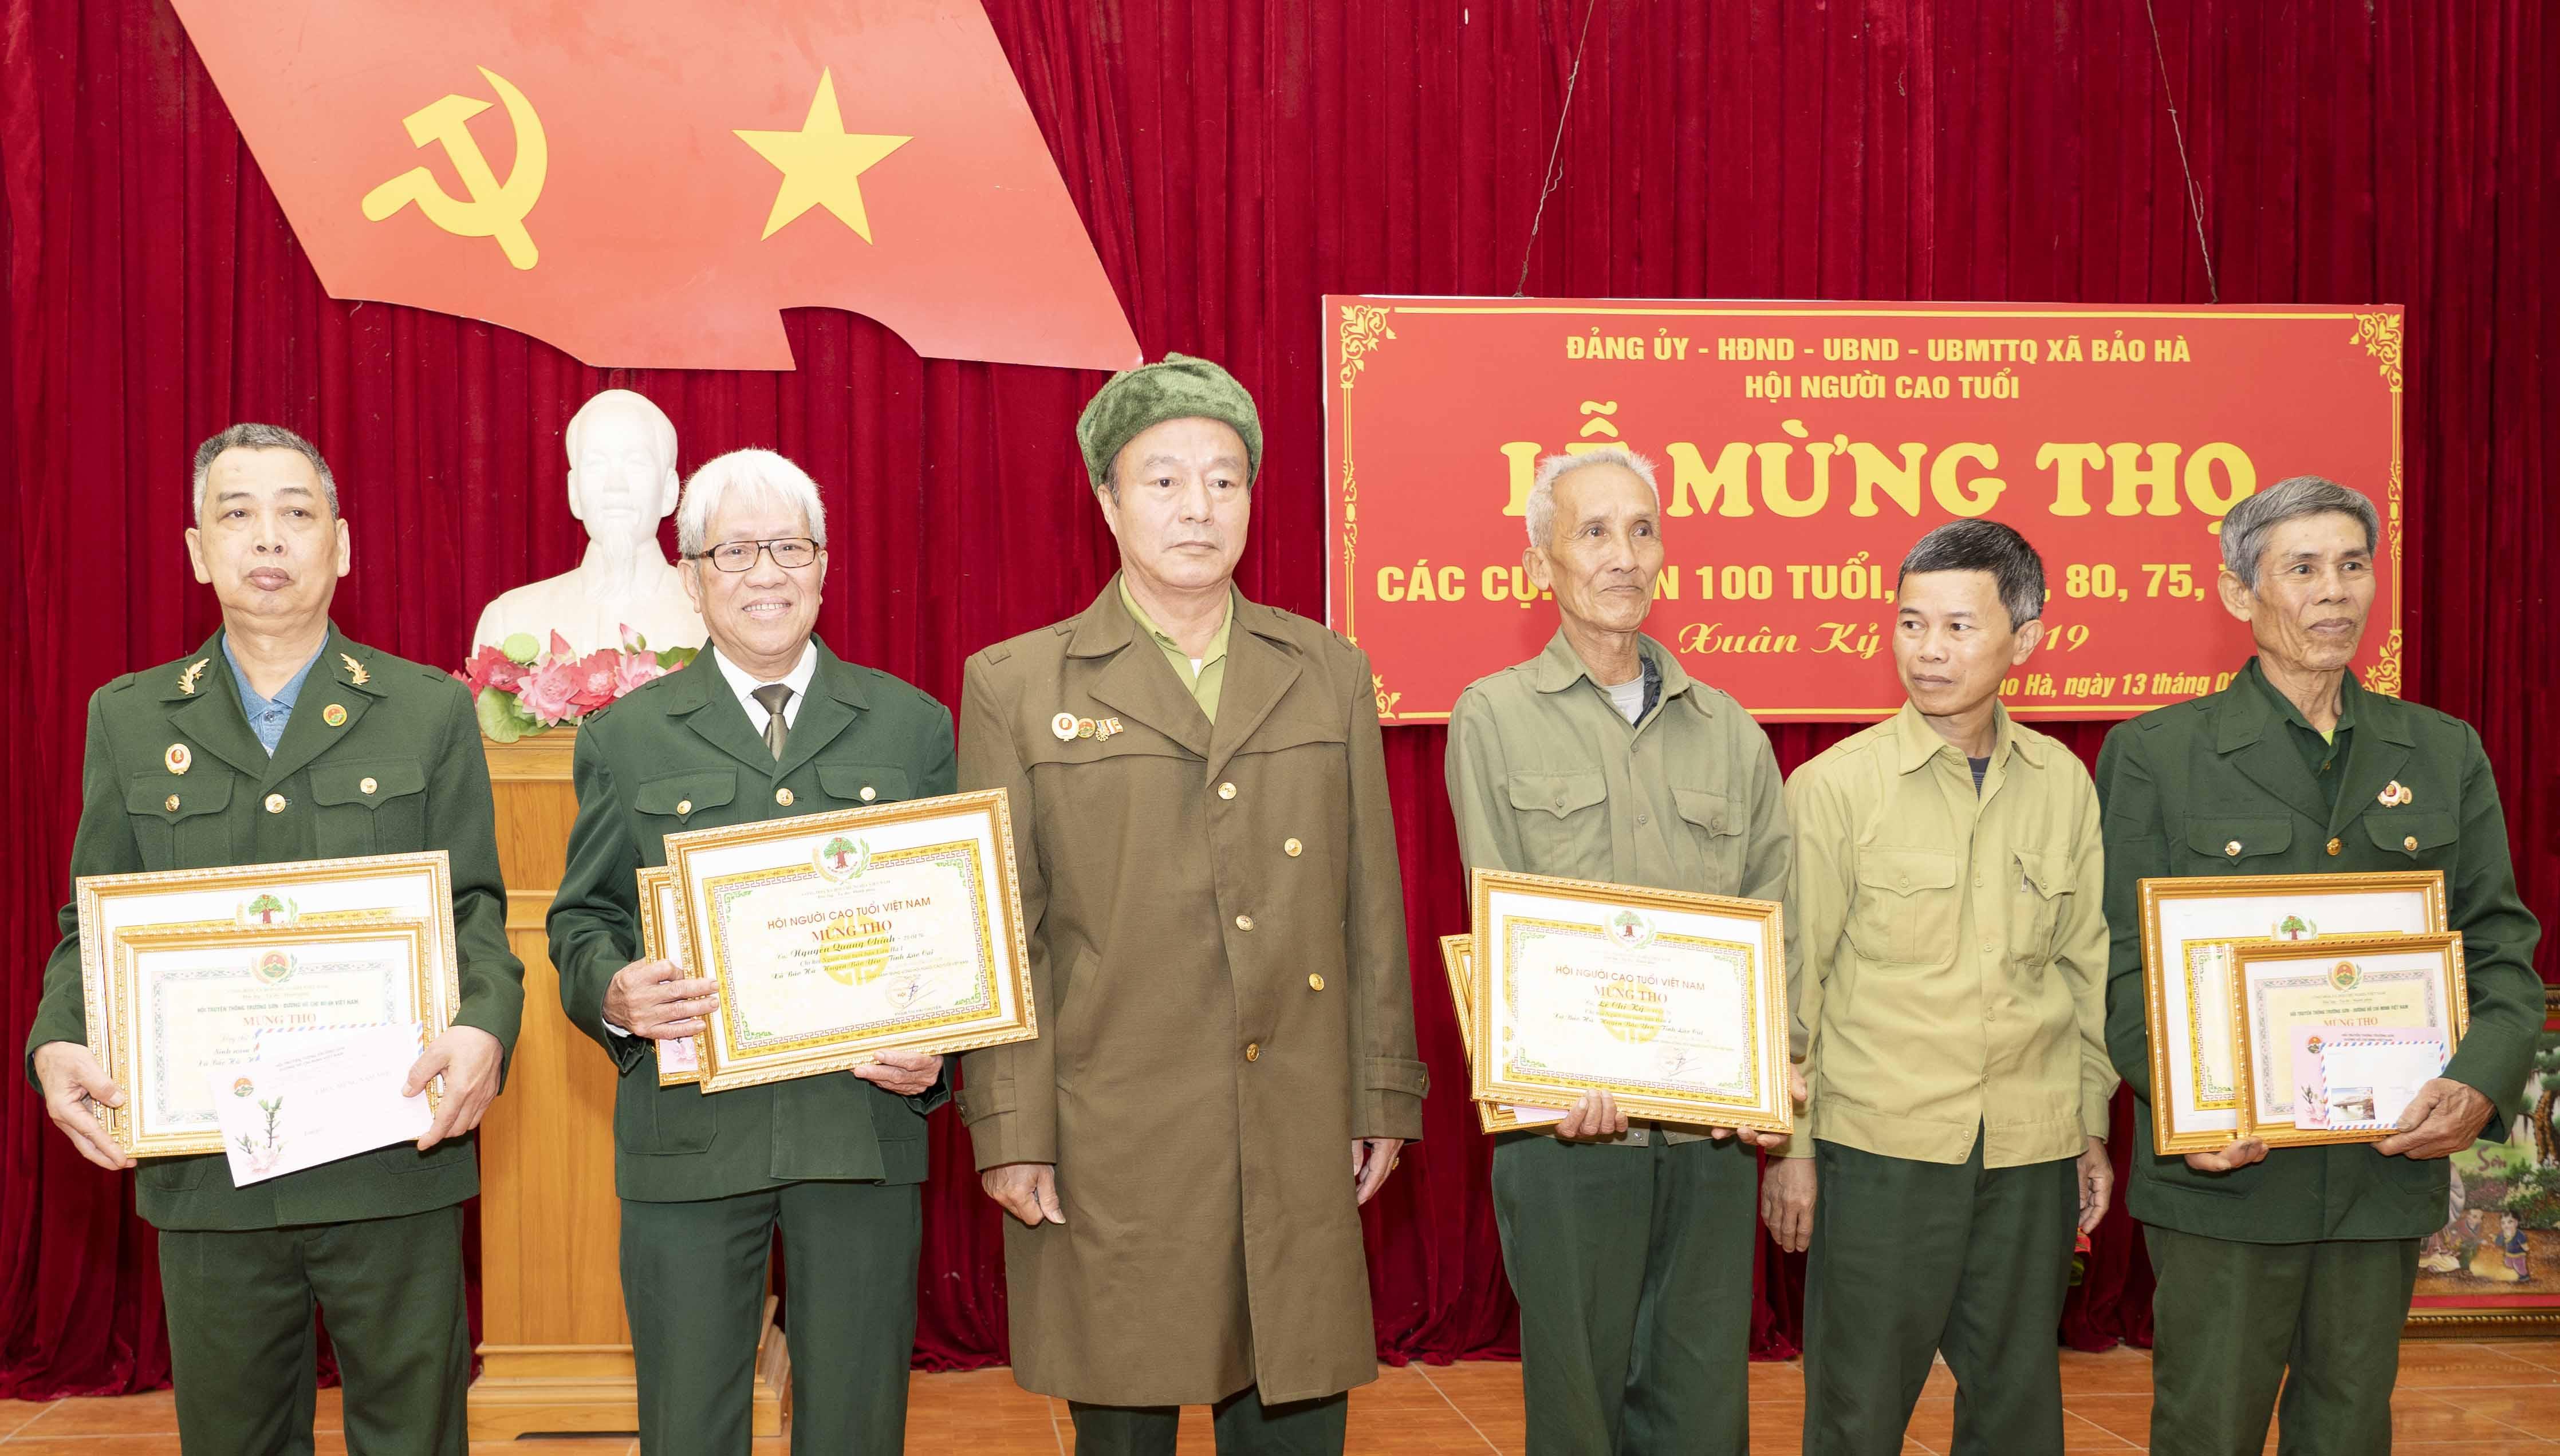 Hội TS xã Bảo Hà trao quà mừng thọ cho hội viên